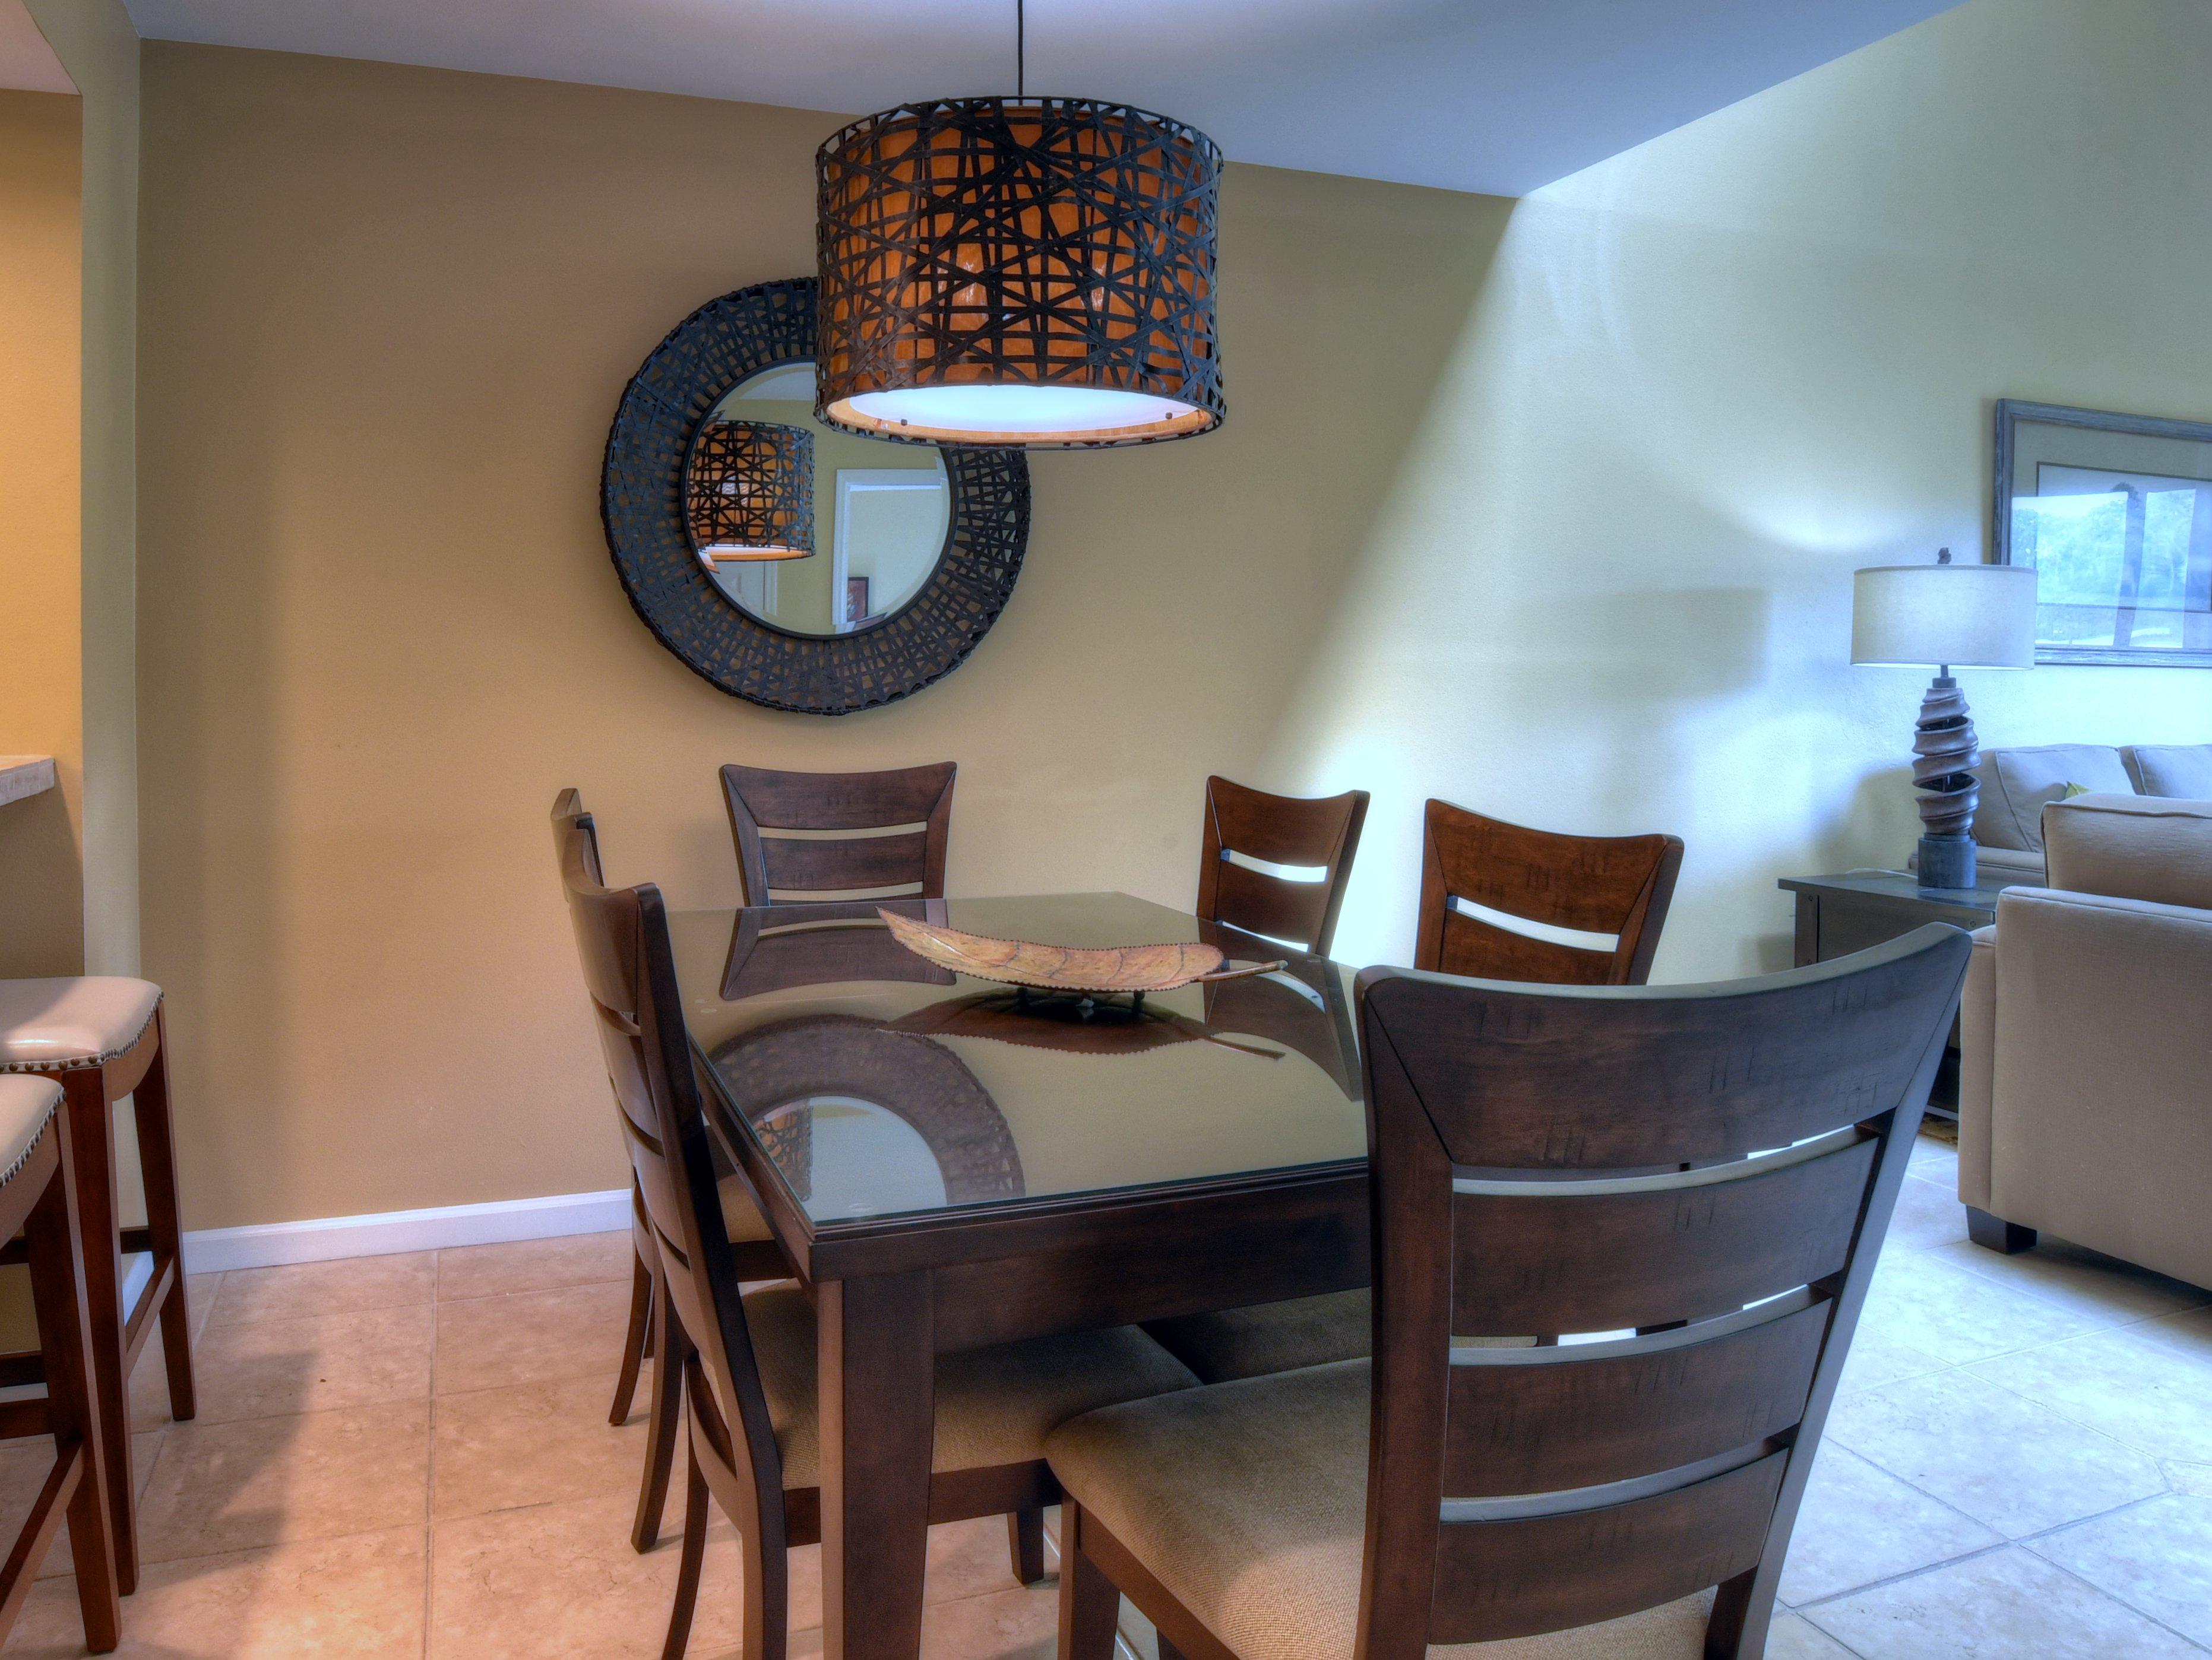 285 Fairways Condo rental in Sandestin Rentals ~ Cottages and Villas  in Destin Florida - #8